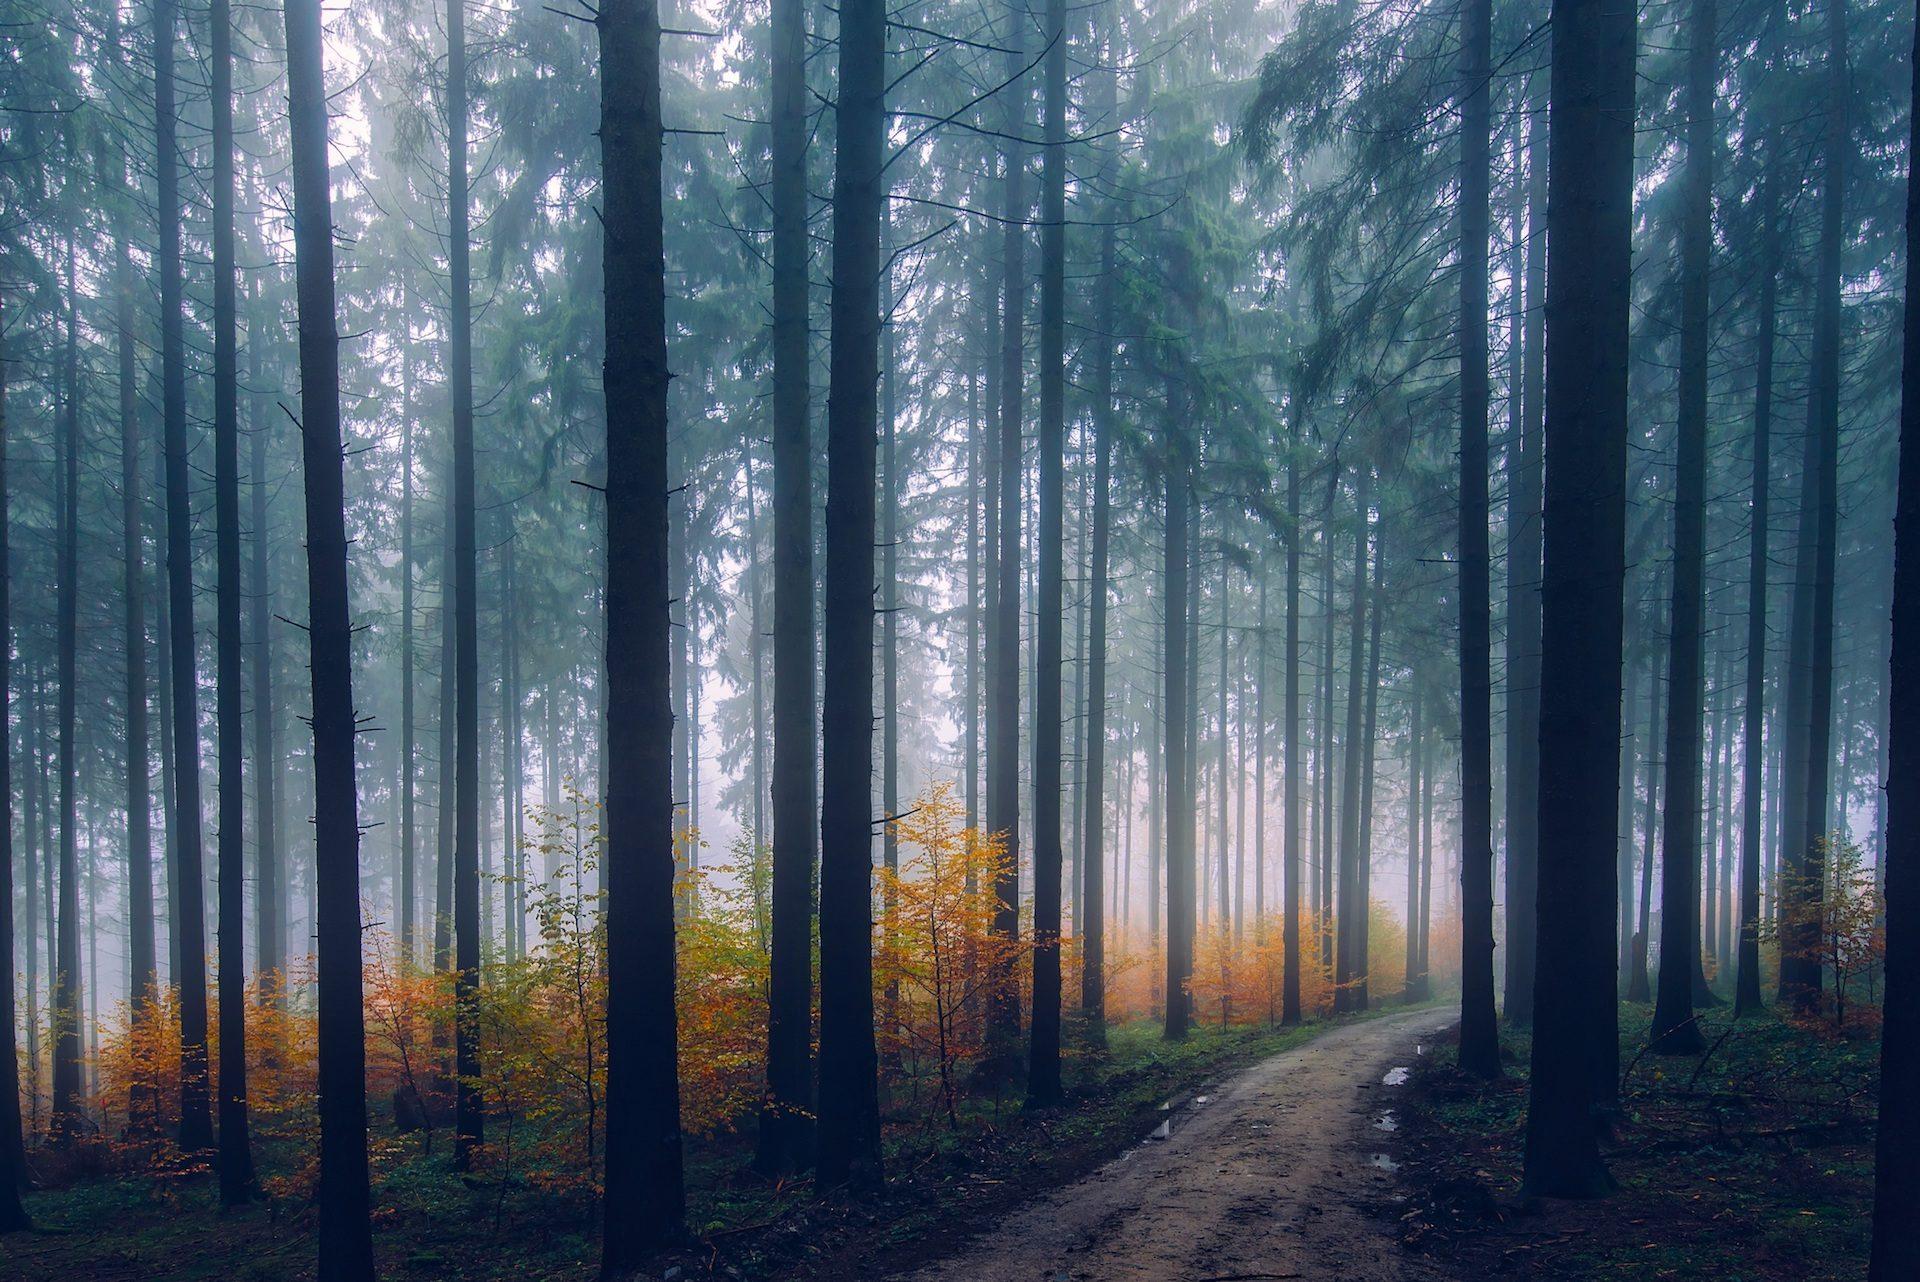 лес, туман, Осень, Тропа, Дорога, деревья - Обои HD - Профессор falken.com